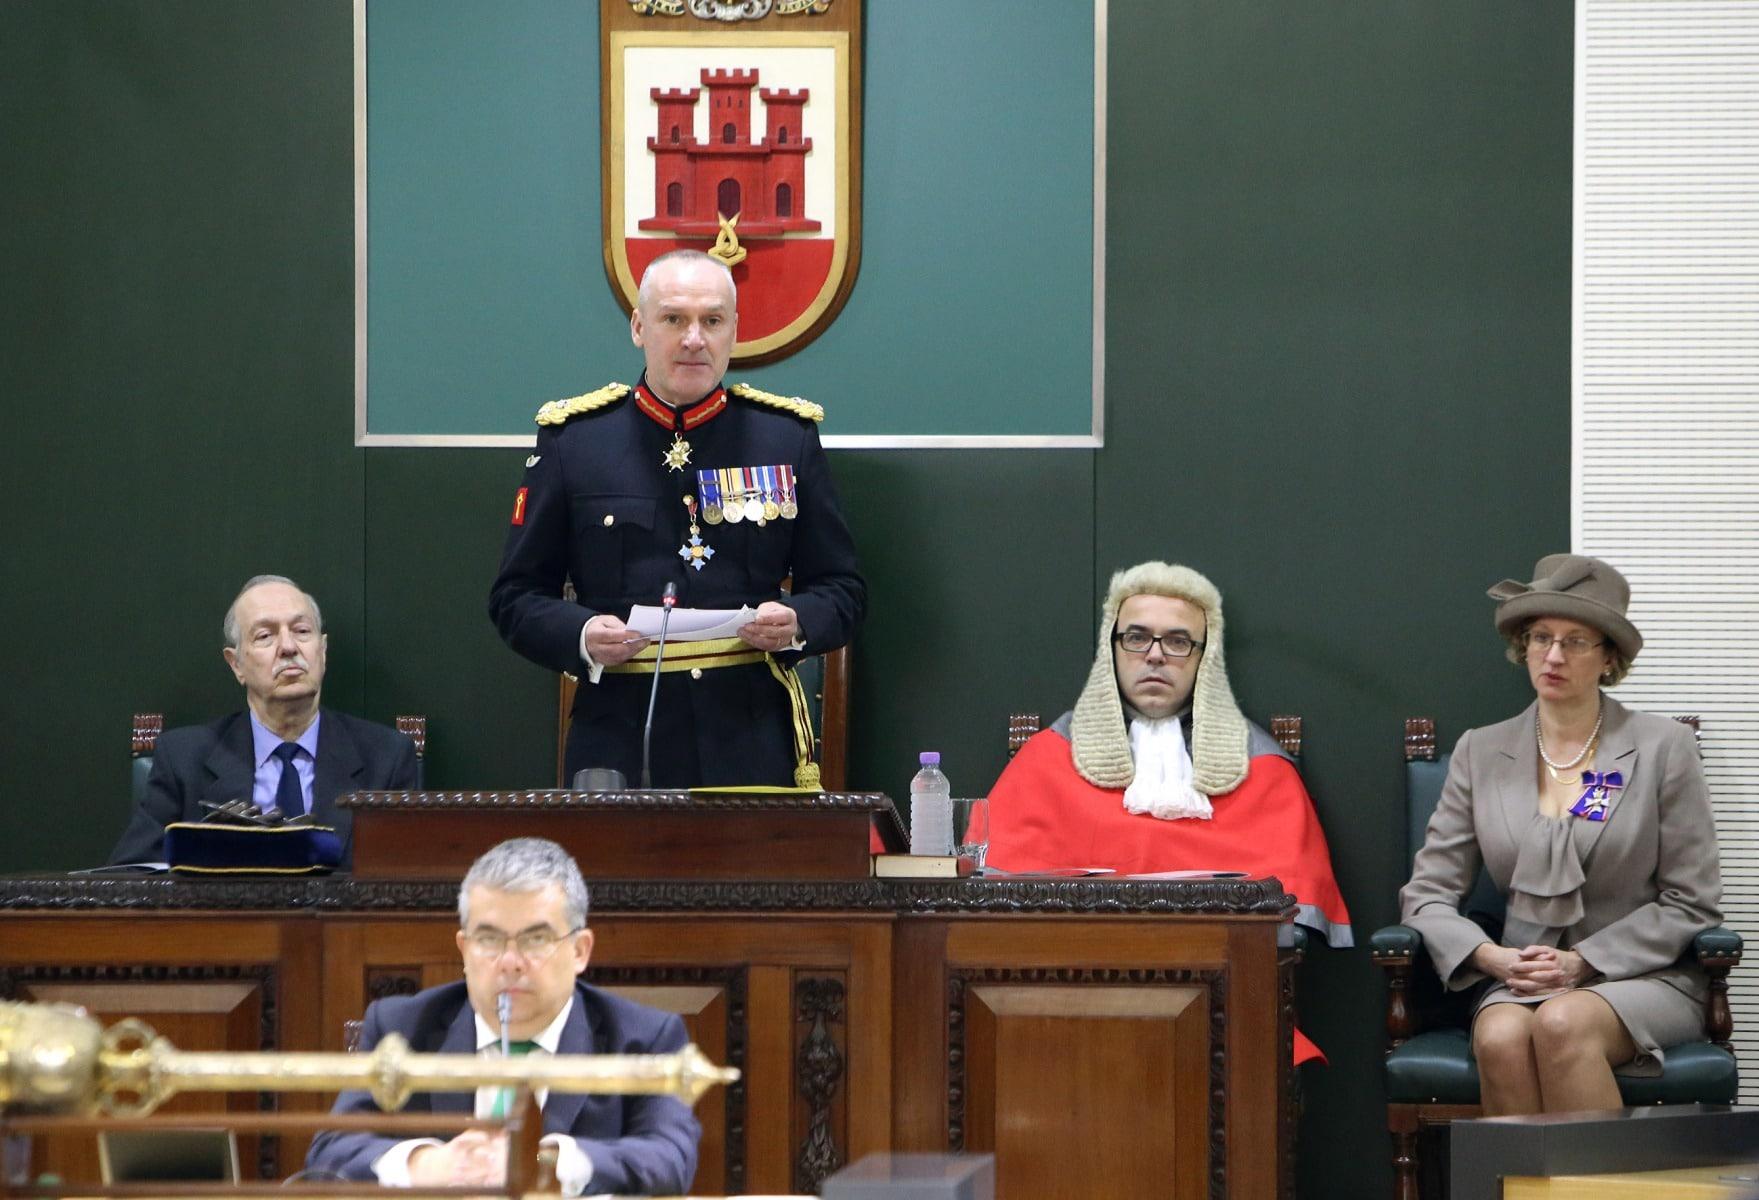 gobernador-de-gibraltar-edward-davis_24388707862_o